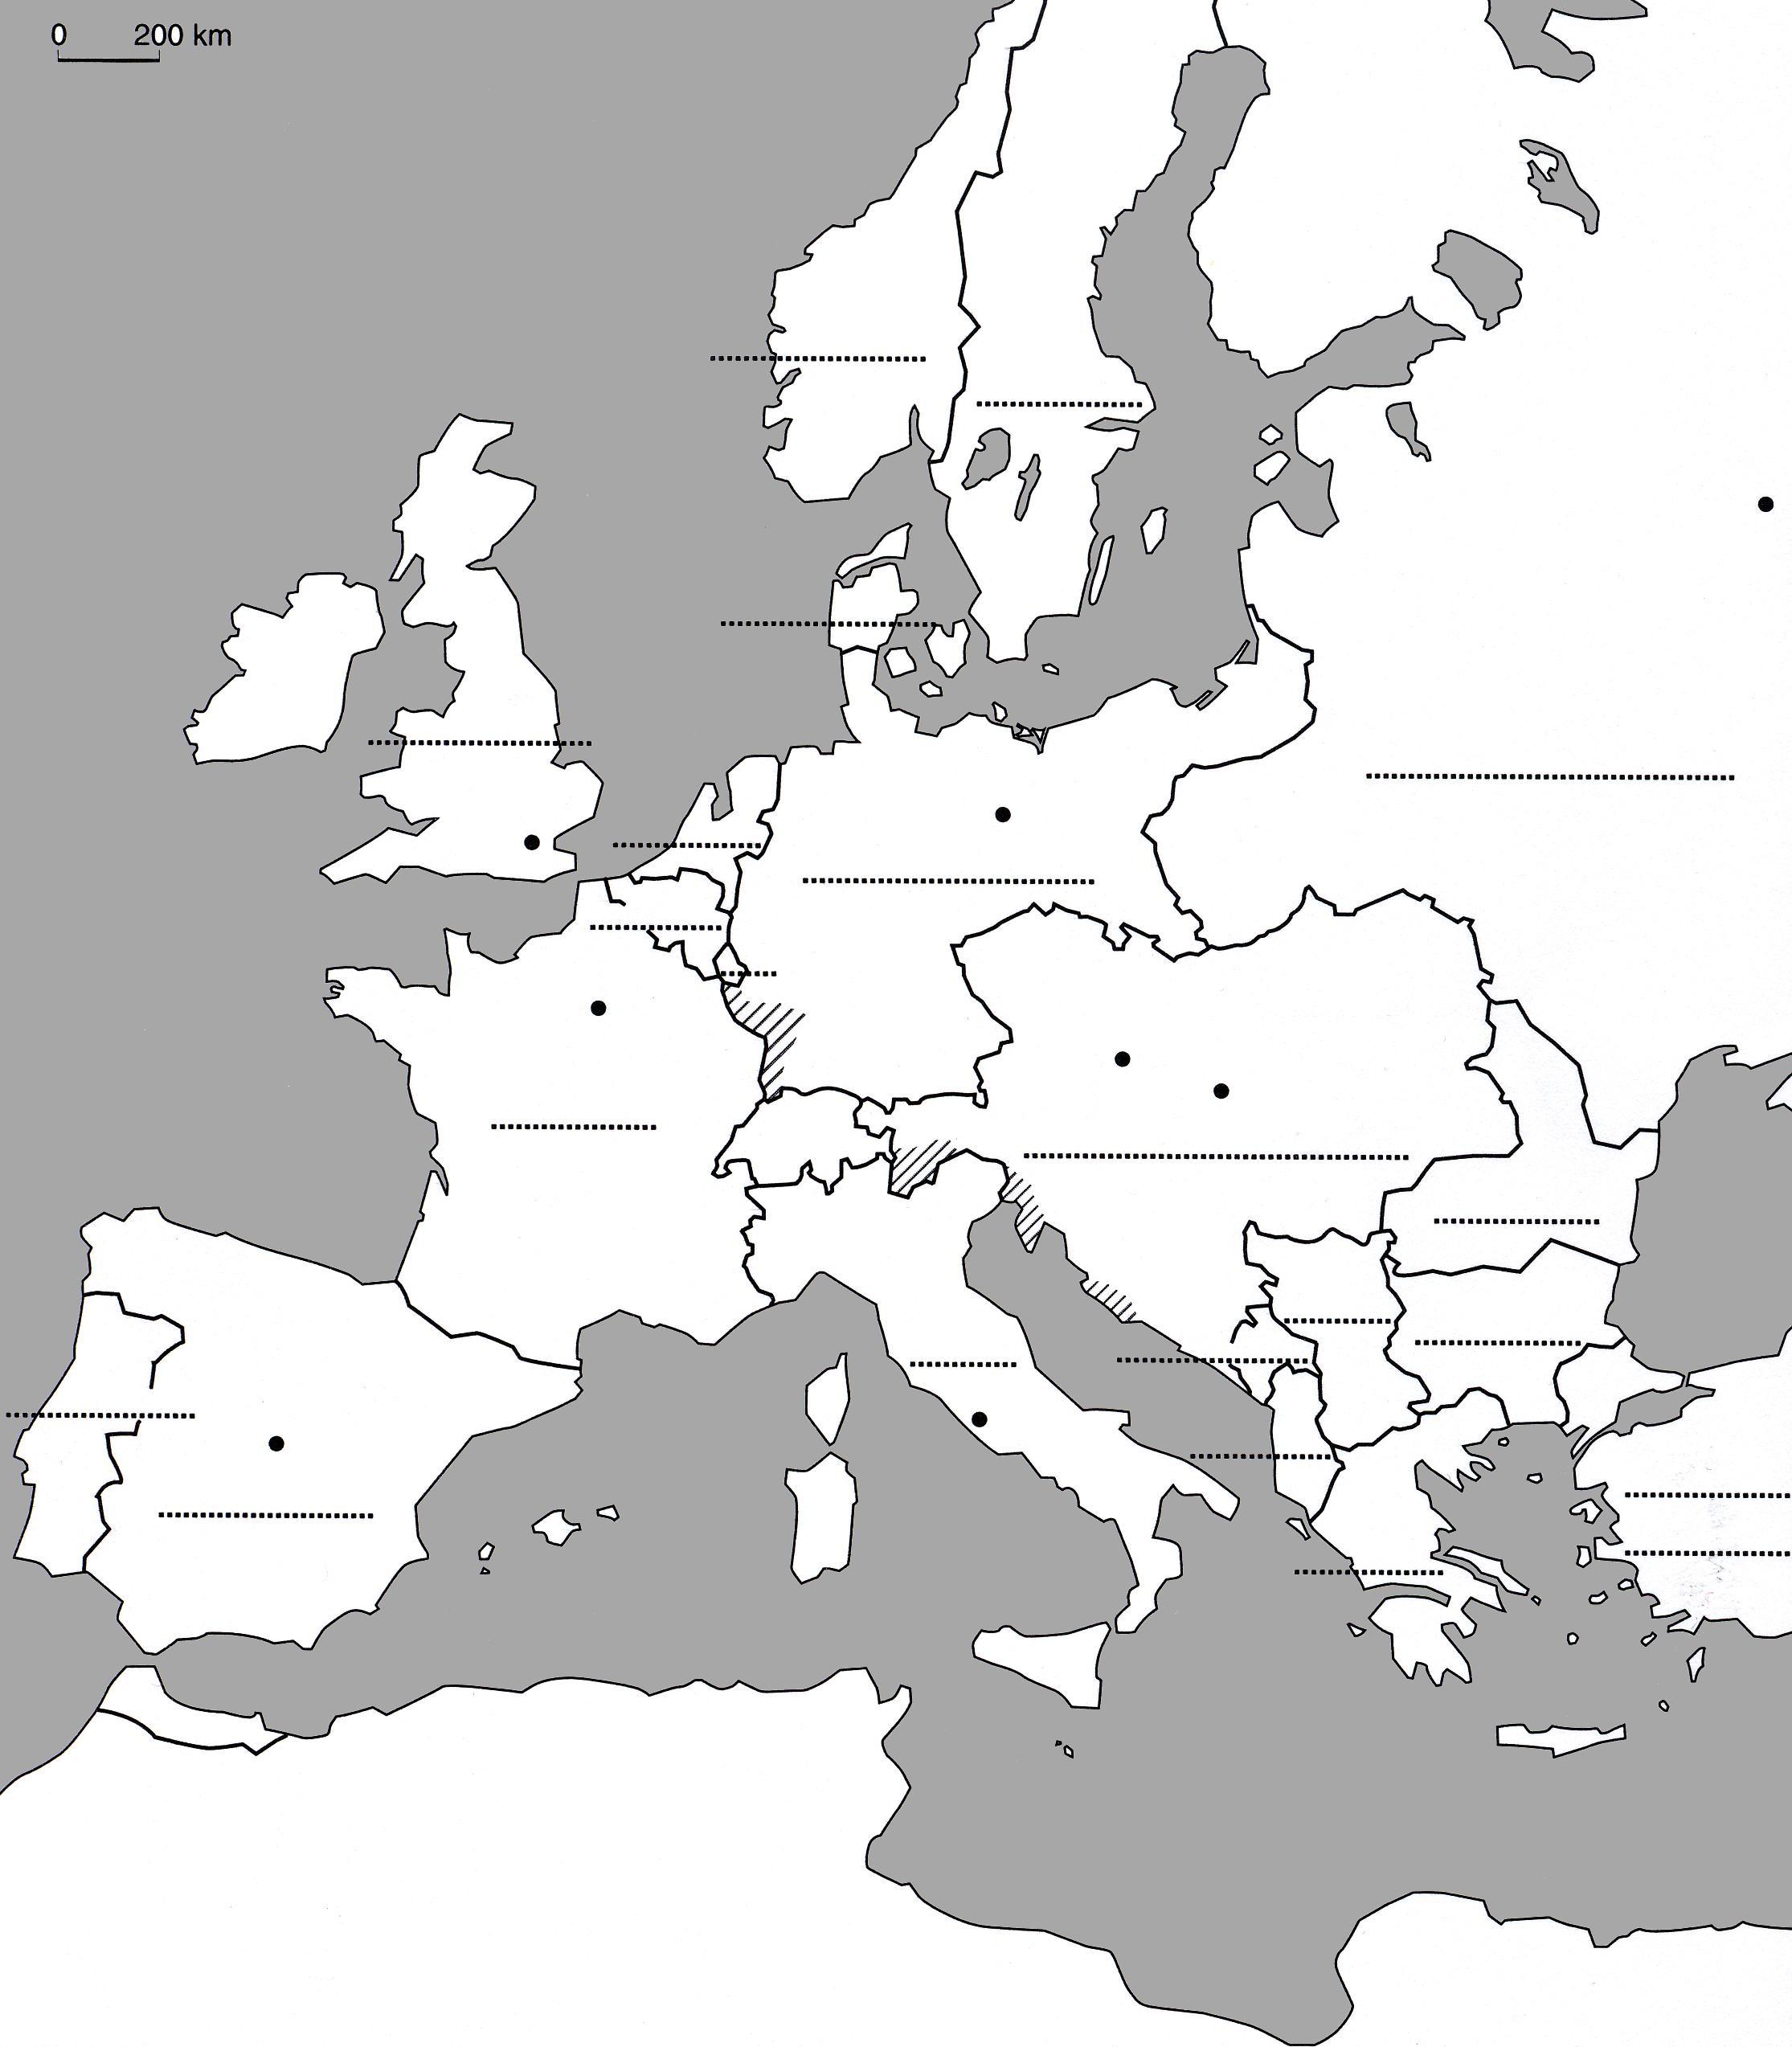 Carte Europe Cm1 À Compléter | My Blog tout Carte Europe Vierge À Compléter En Ligne